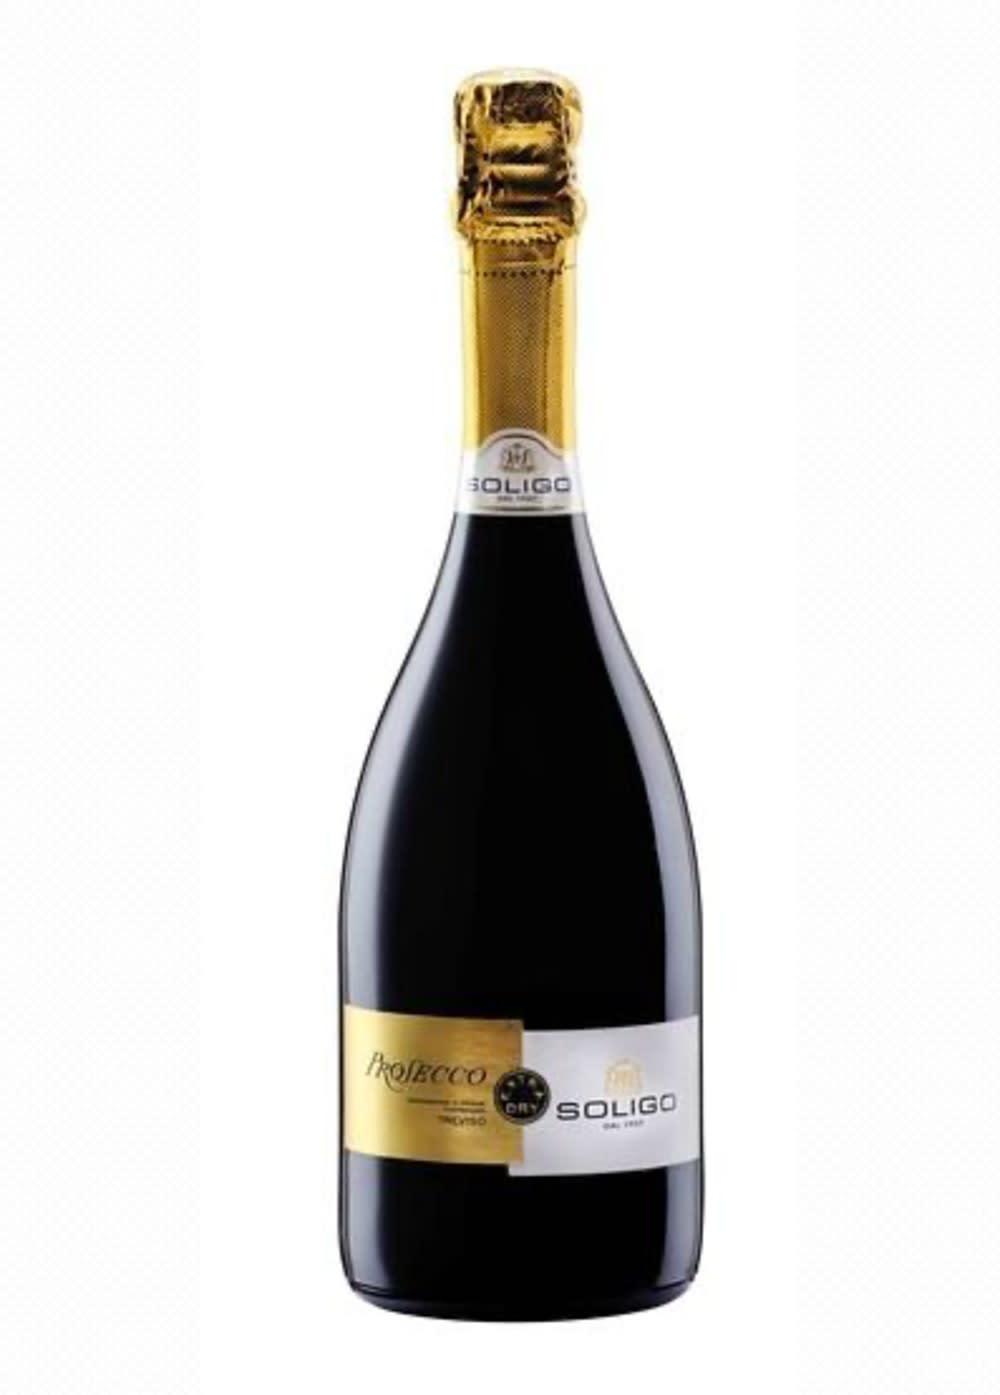 Soligo Prosecco DOC Treviso Extra Dry NV